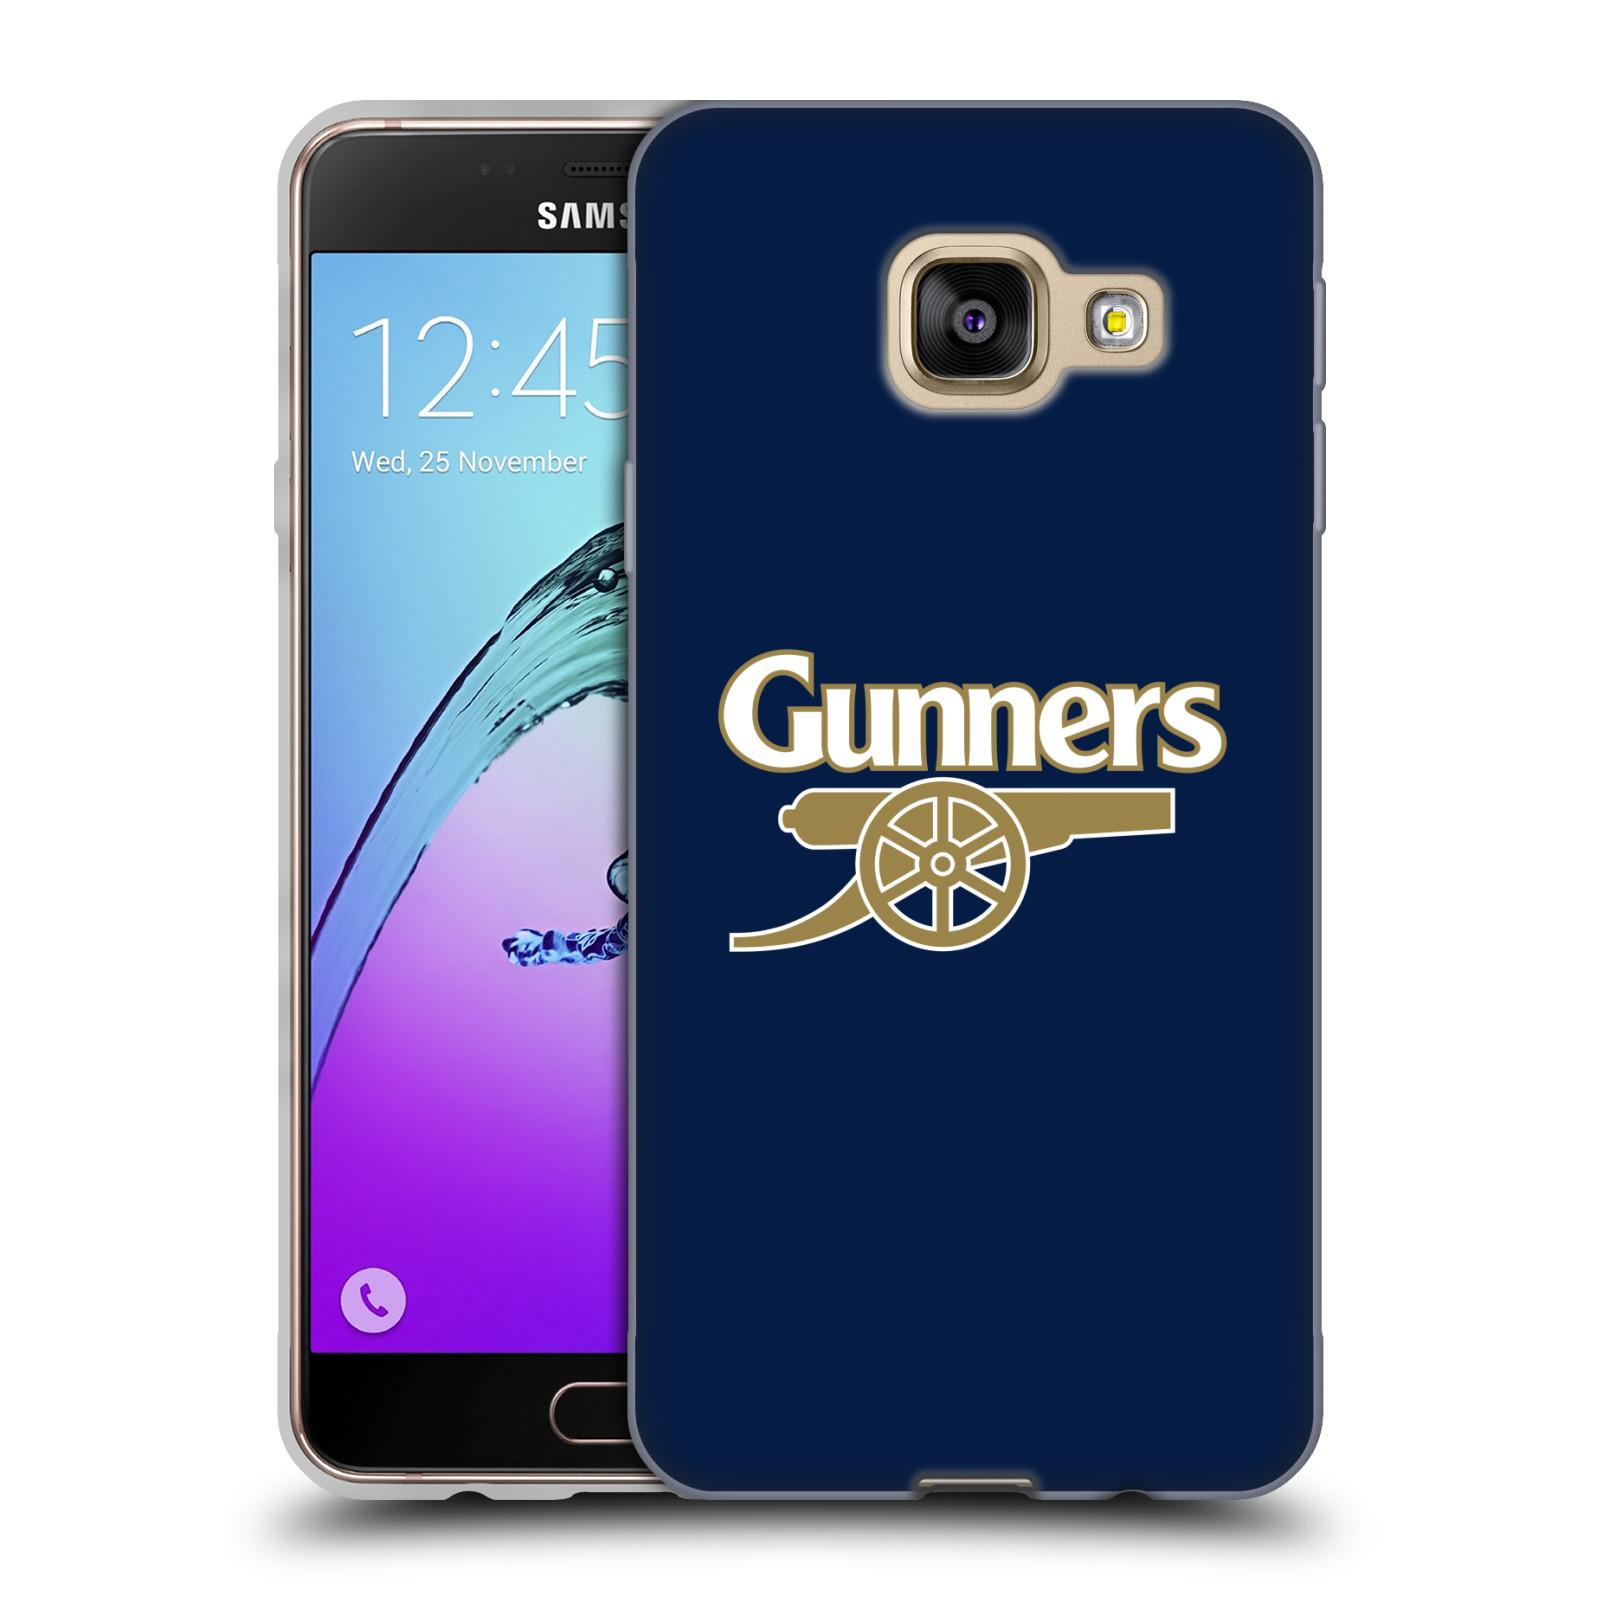 Silikonové pouzdro na mobil Samsung Galaxy A3 (2016) - Head Case - Arsenal FC - Gunners